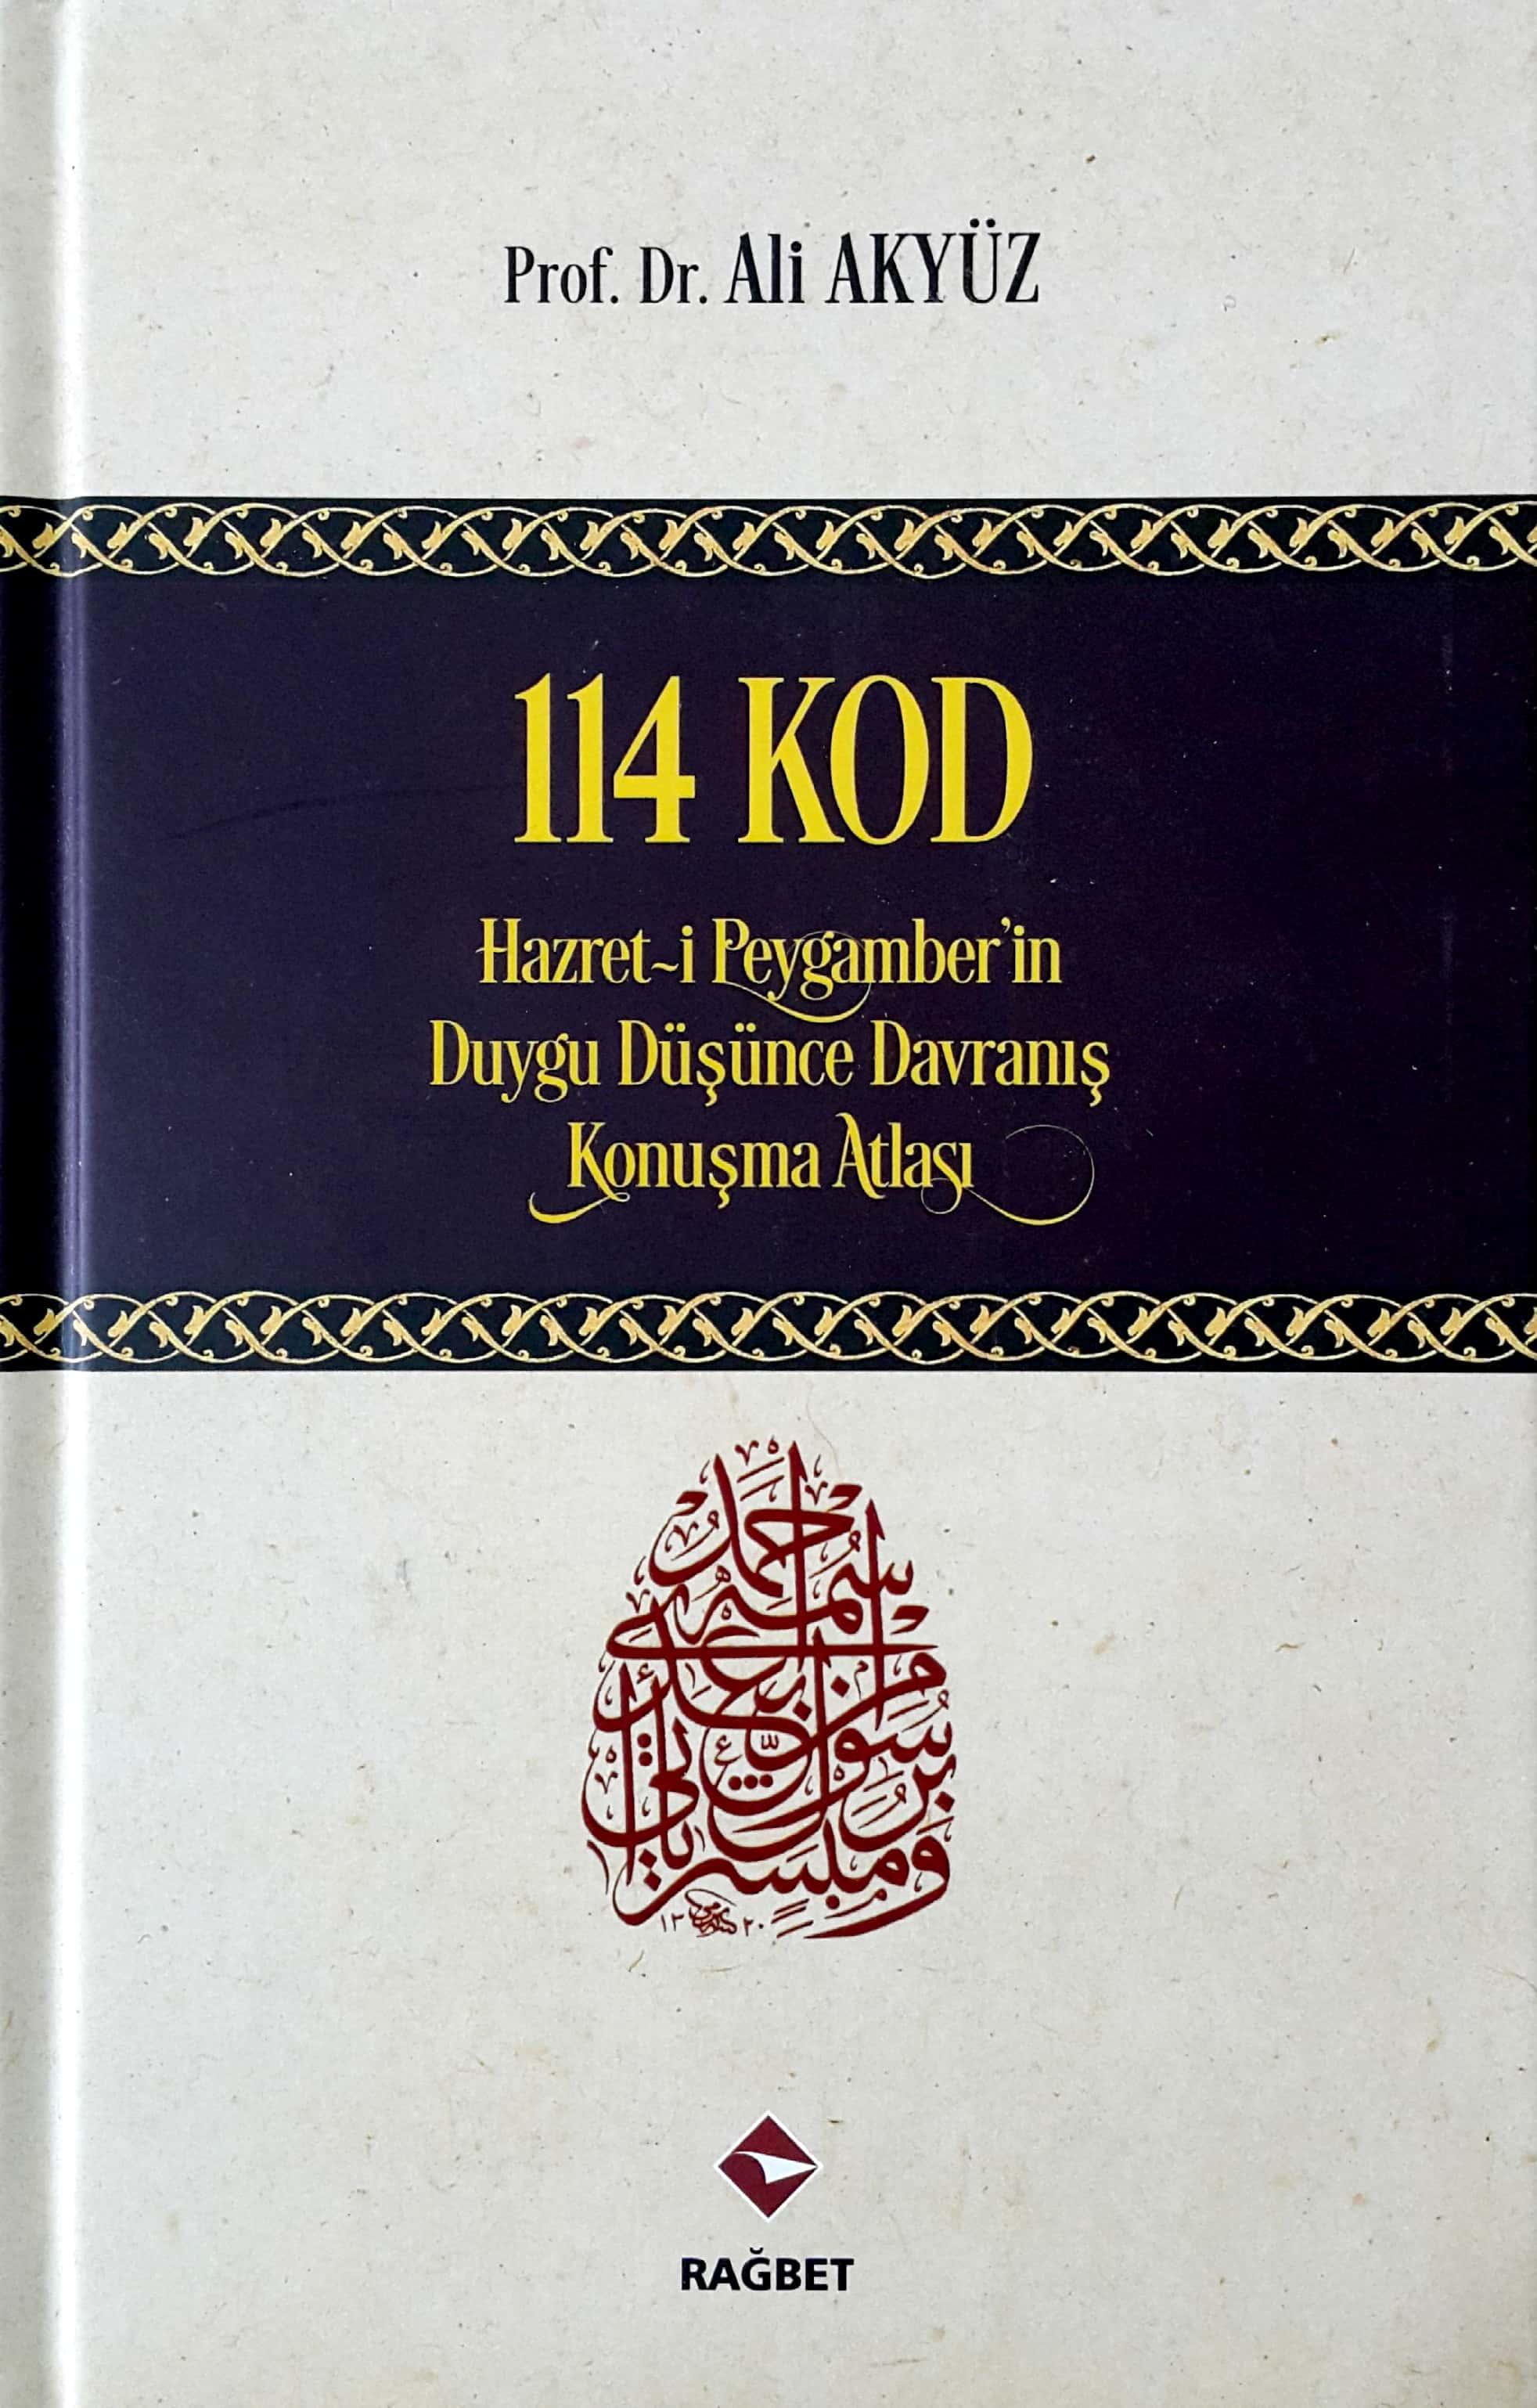 114 KOD (Ciltli) Hz. Peygamberin Duygu, Düşünce, Davranış, Konuşma Atlası